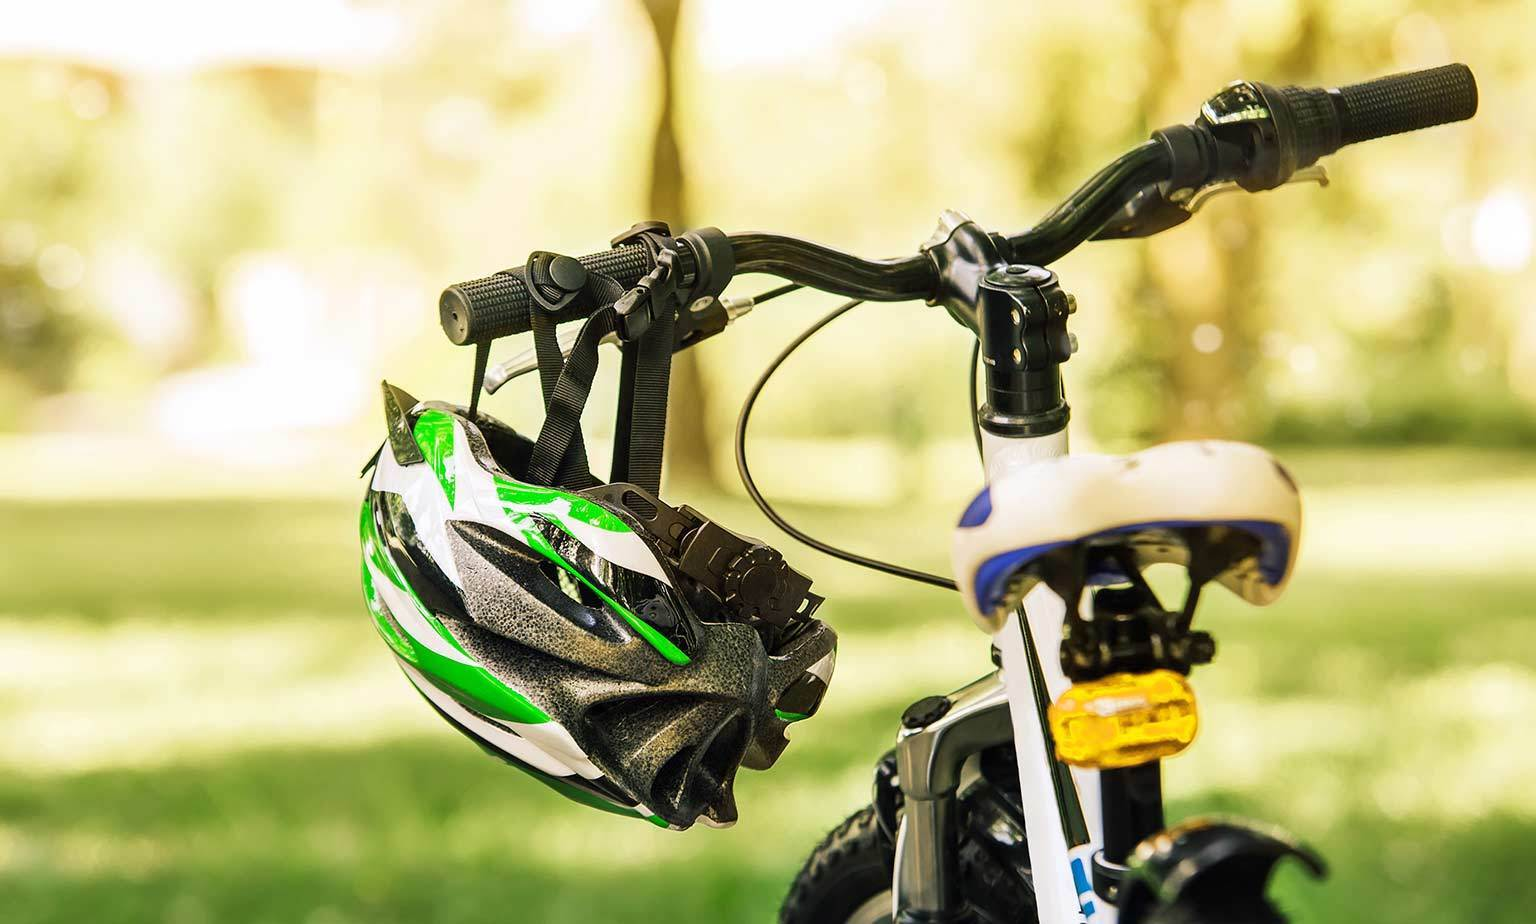 Fahrräder, Bekleidung & Zubehör  - Jetzt Shoppen!